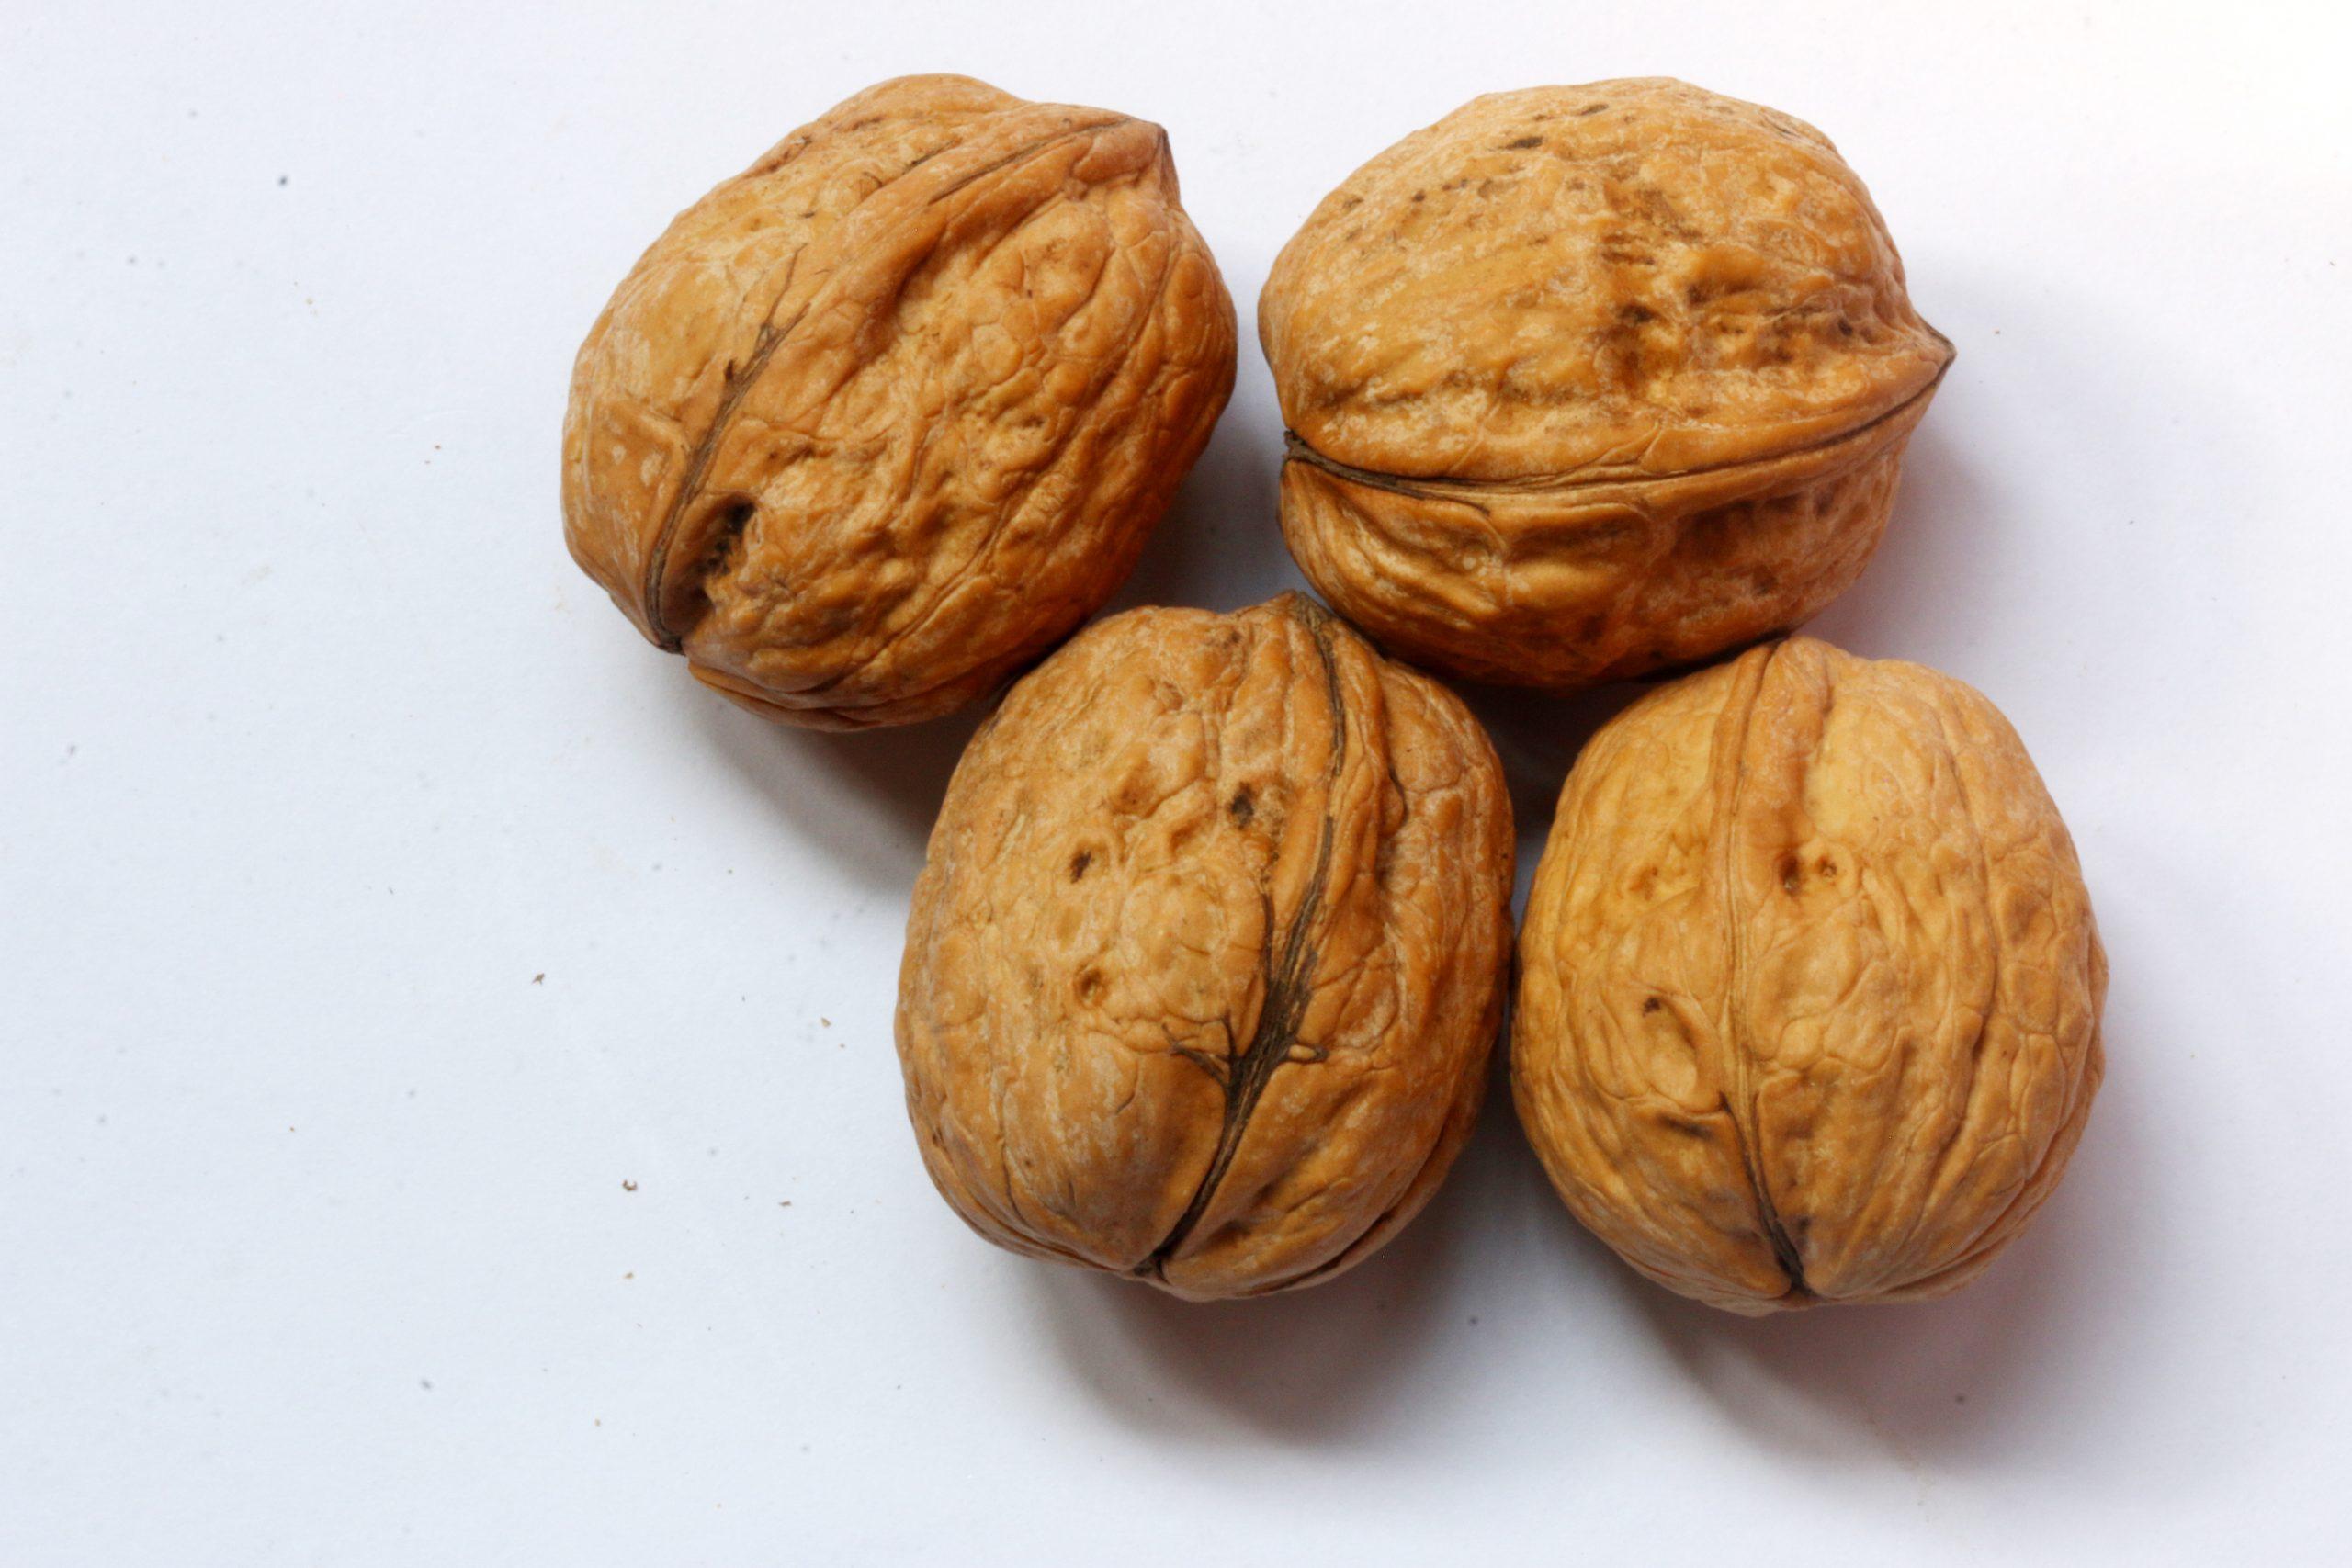 Four walnuts